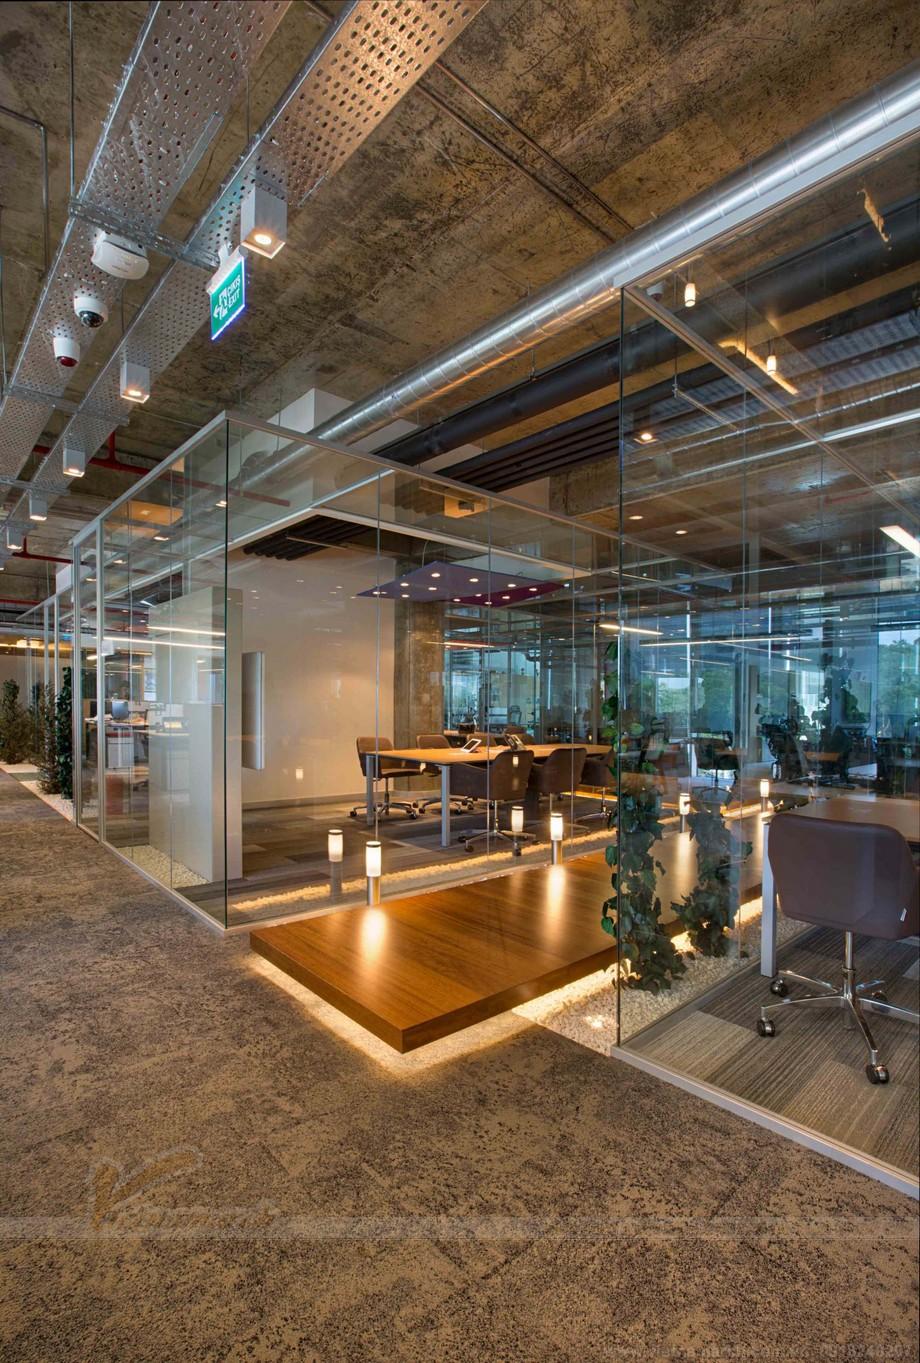 Thiết kế phòng họp đáng mơ ước của không gian làm việc chung hiện đại